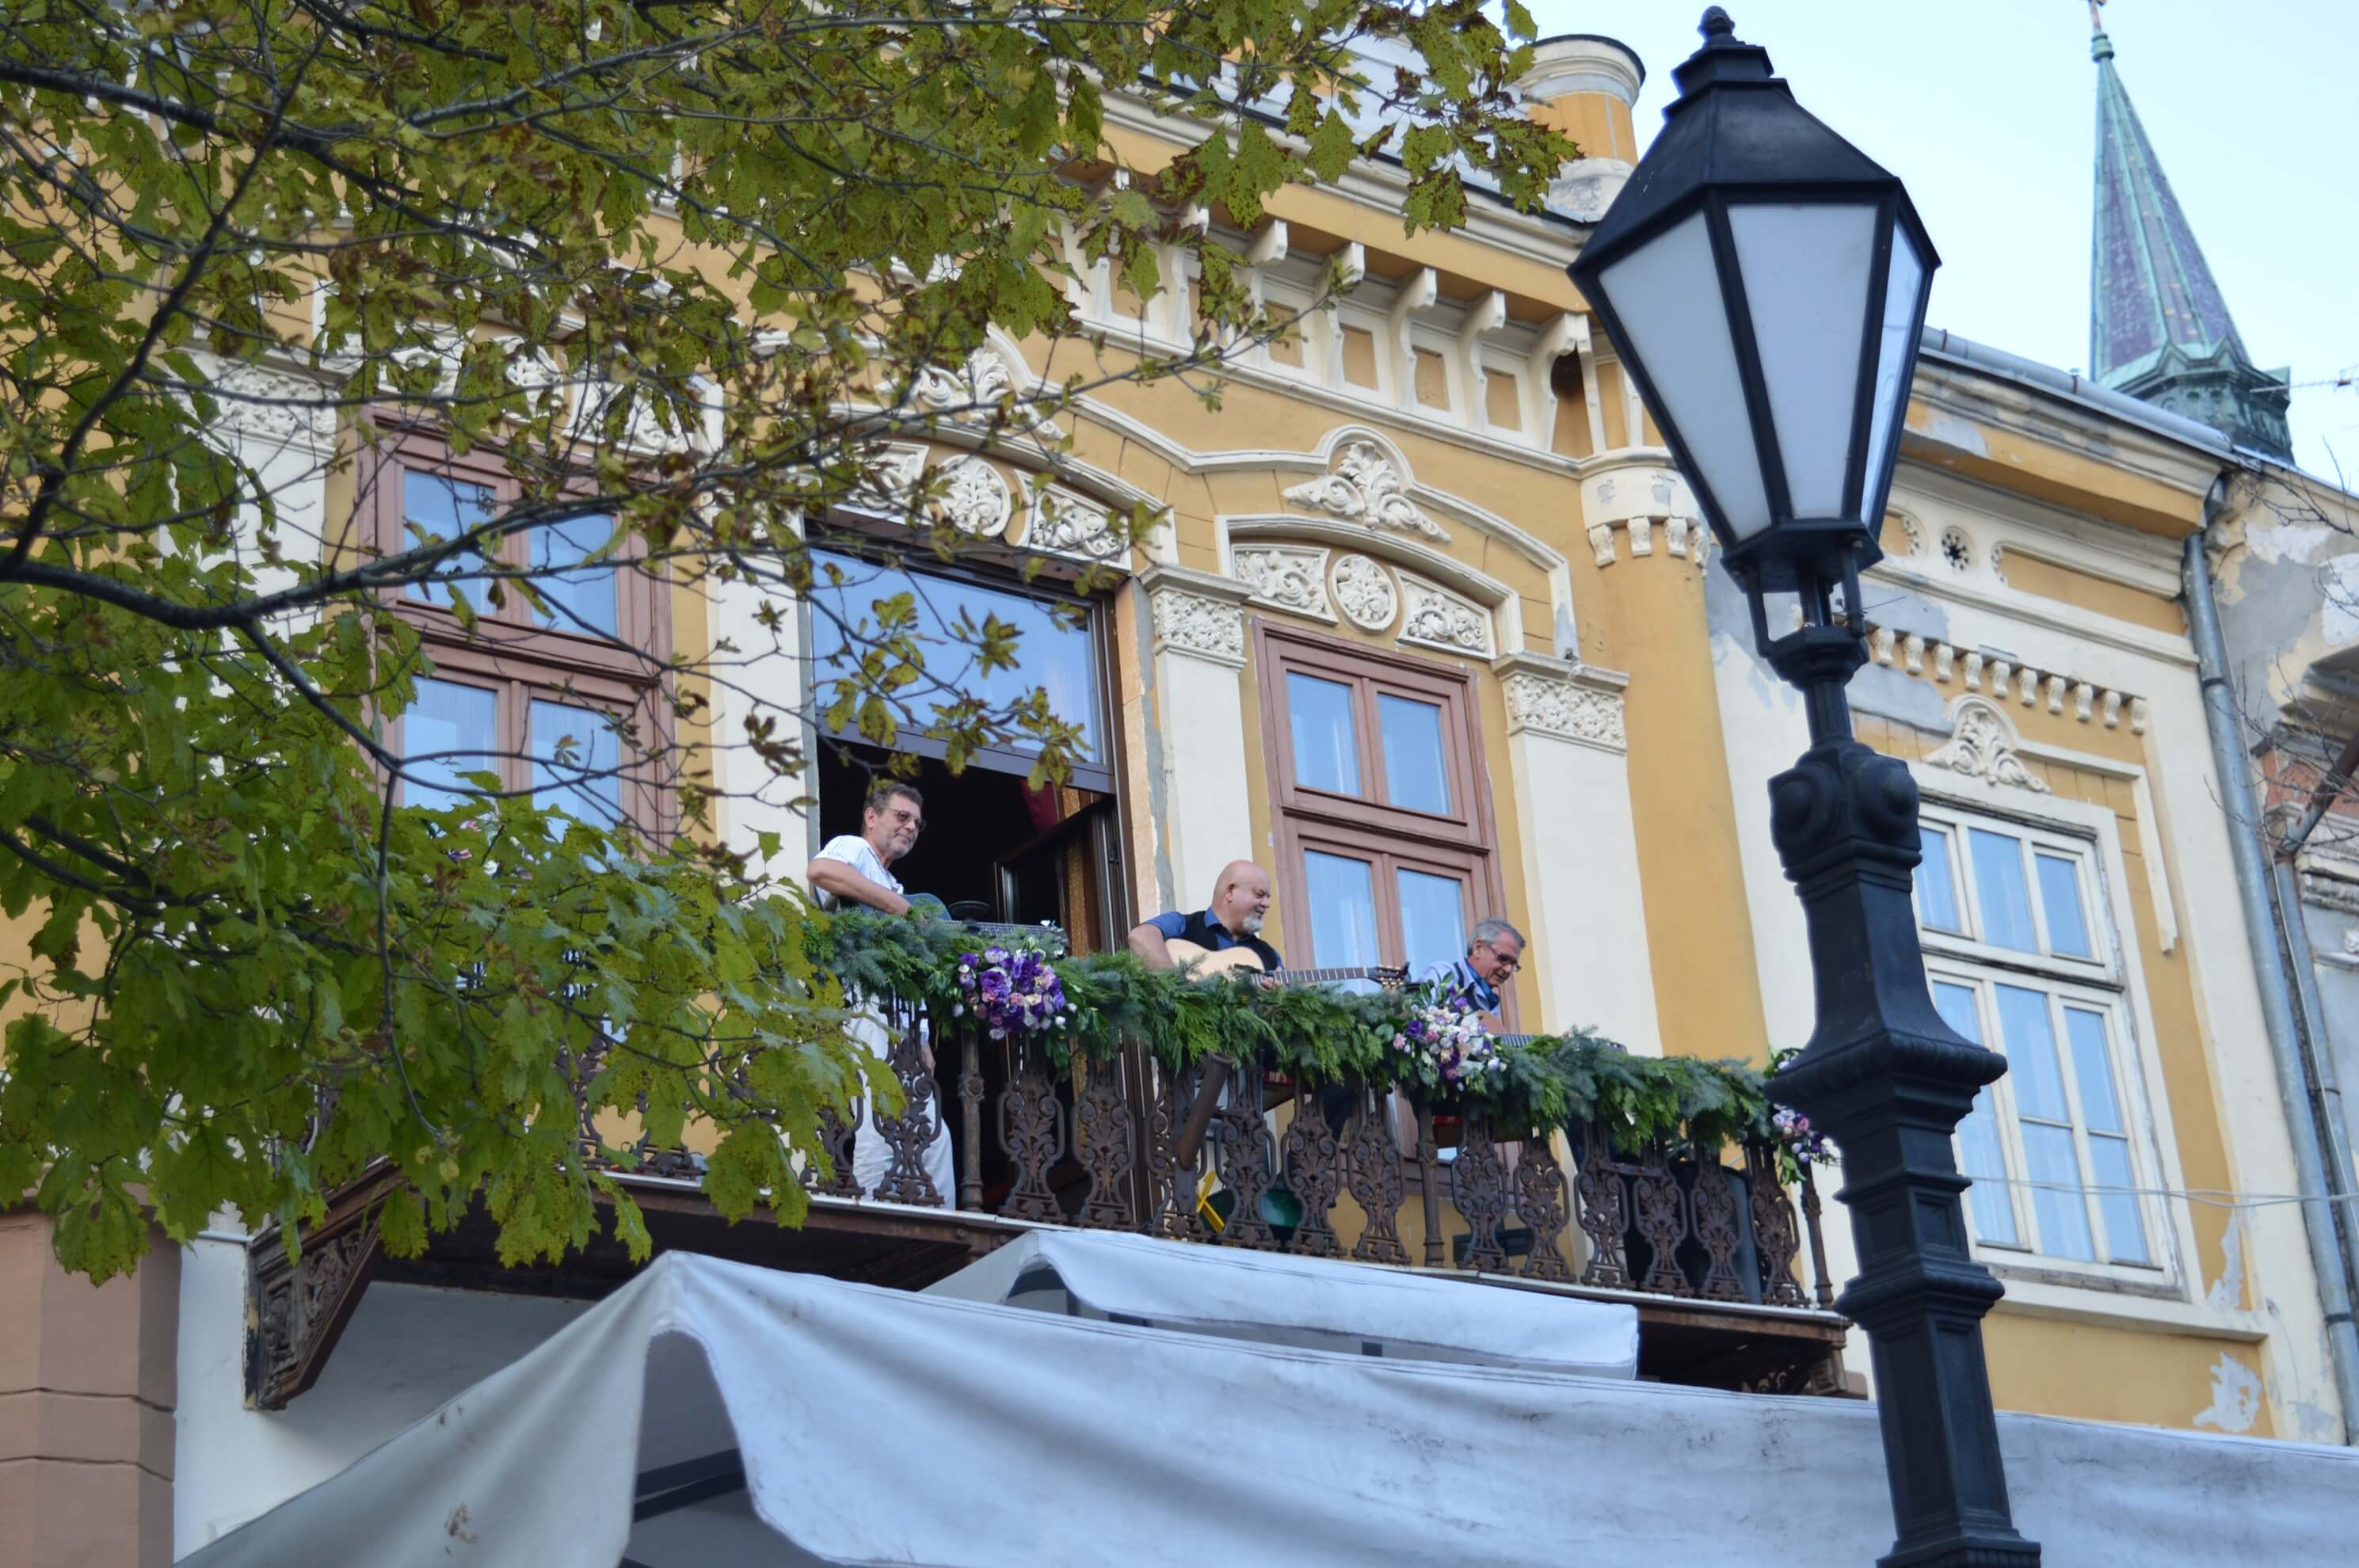 Смењивање музичара на балконима водило је публику до централне бине